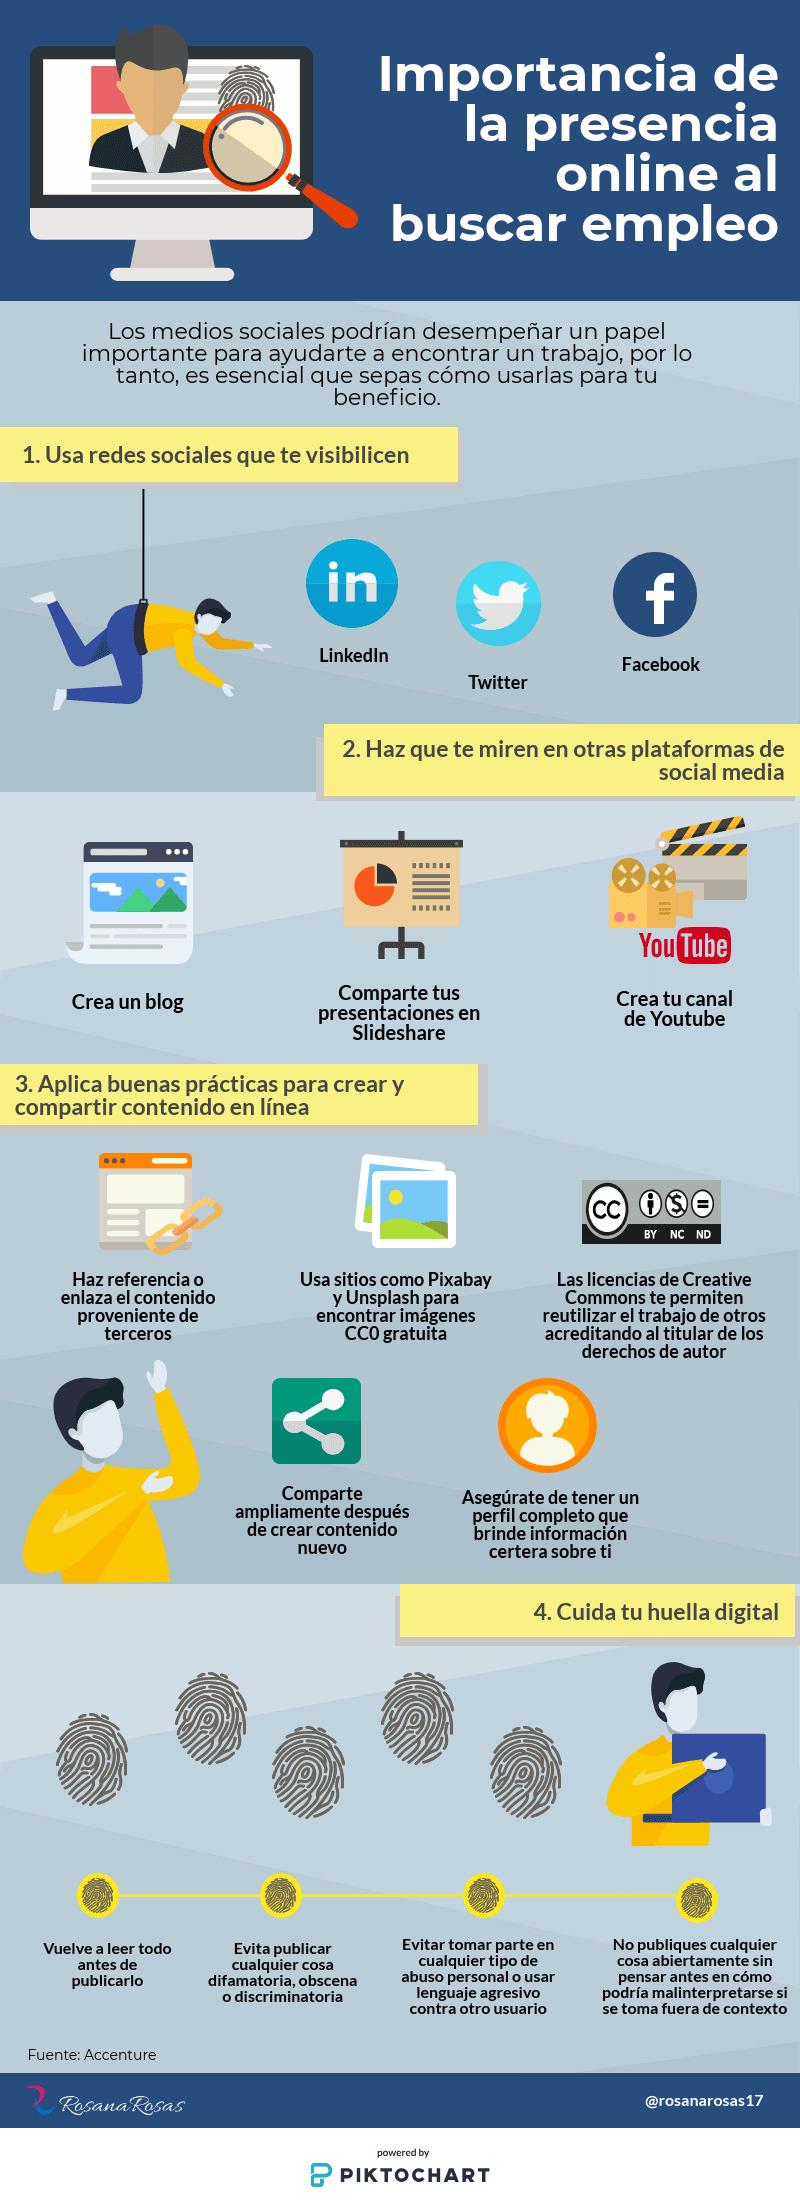 La importancia de la presencia online al buscar trabajo